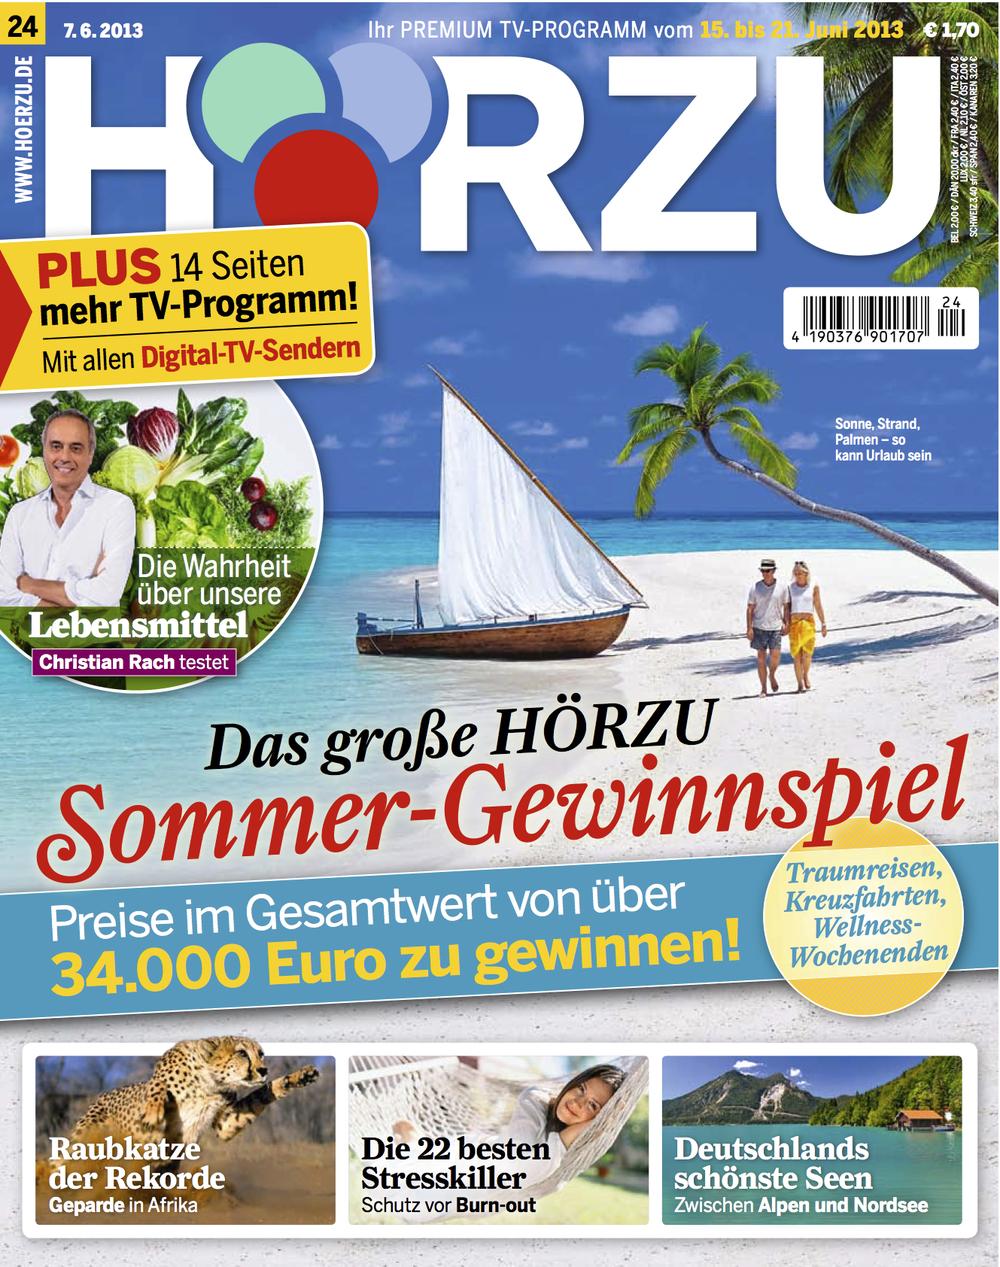 HZ_7.6.2013_Cover.jpg